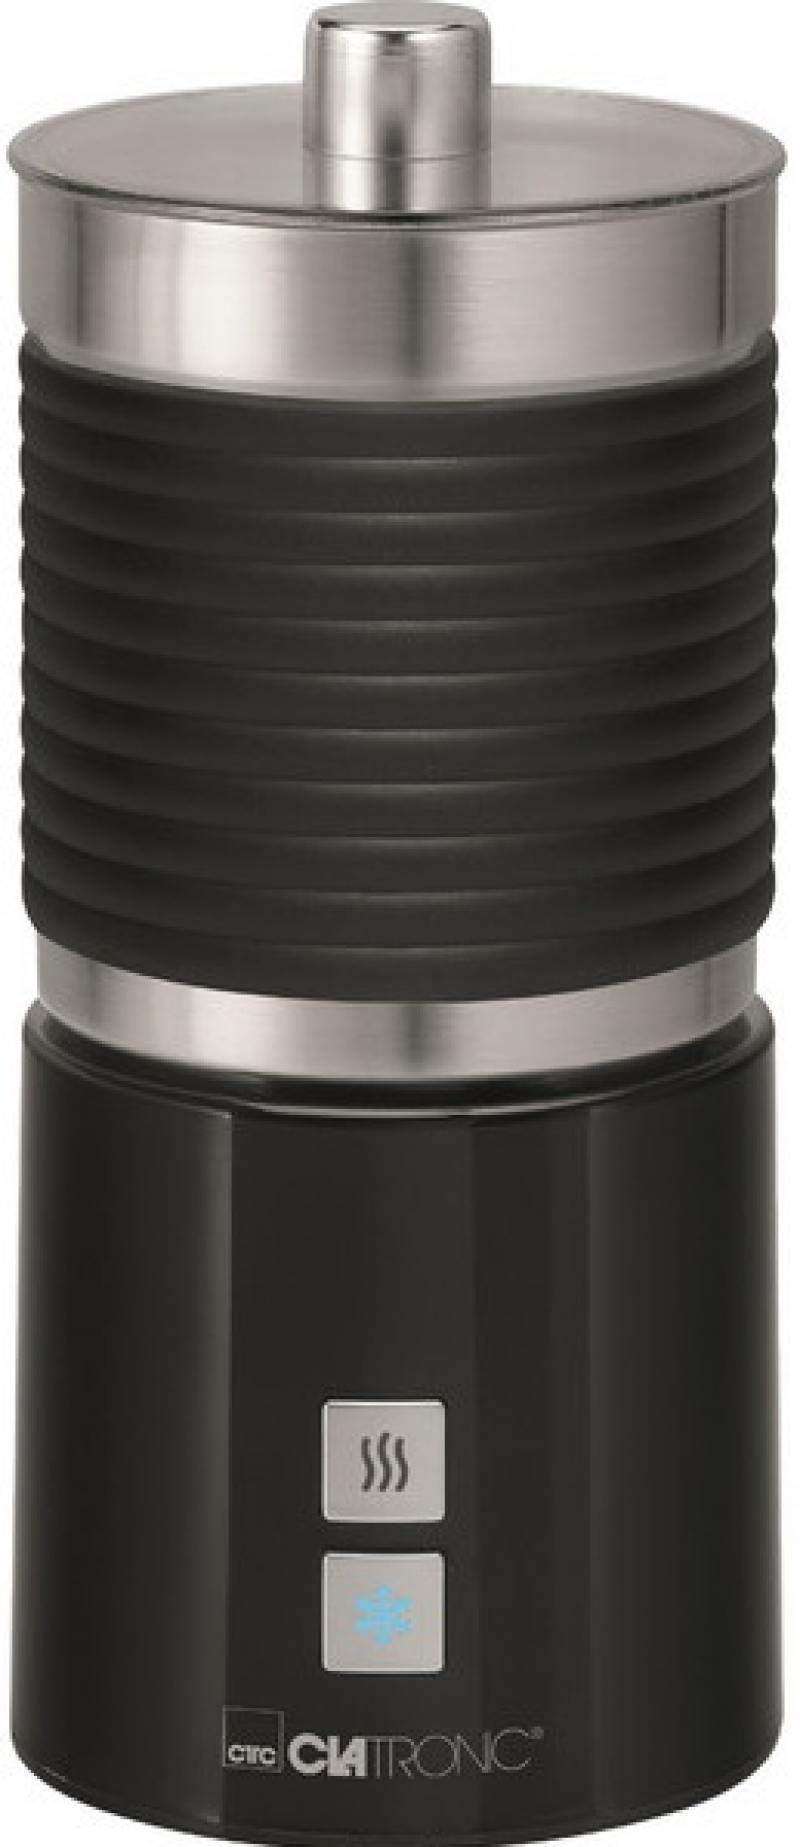 лучшая цена Пеновзбиватель Clatronic MS 3654 soft touch schwarz